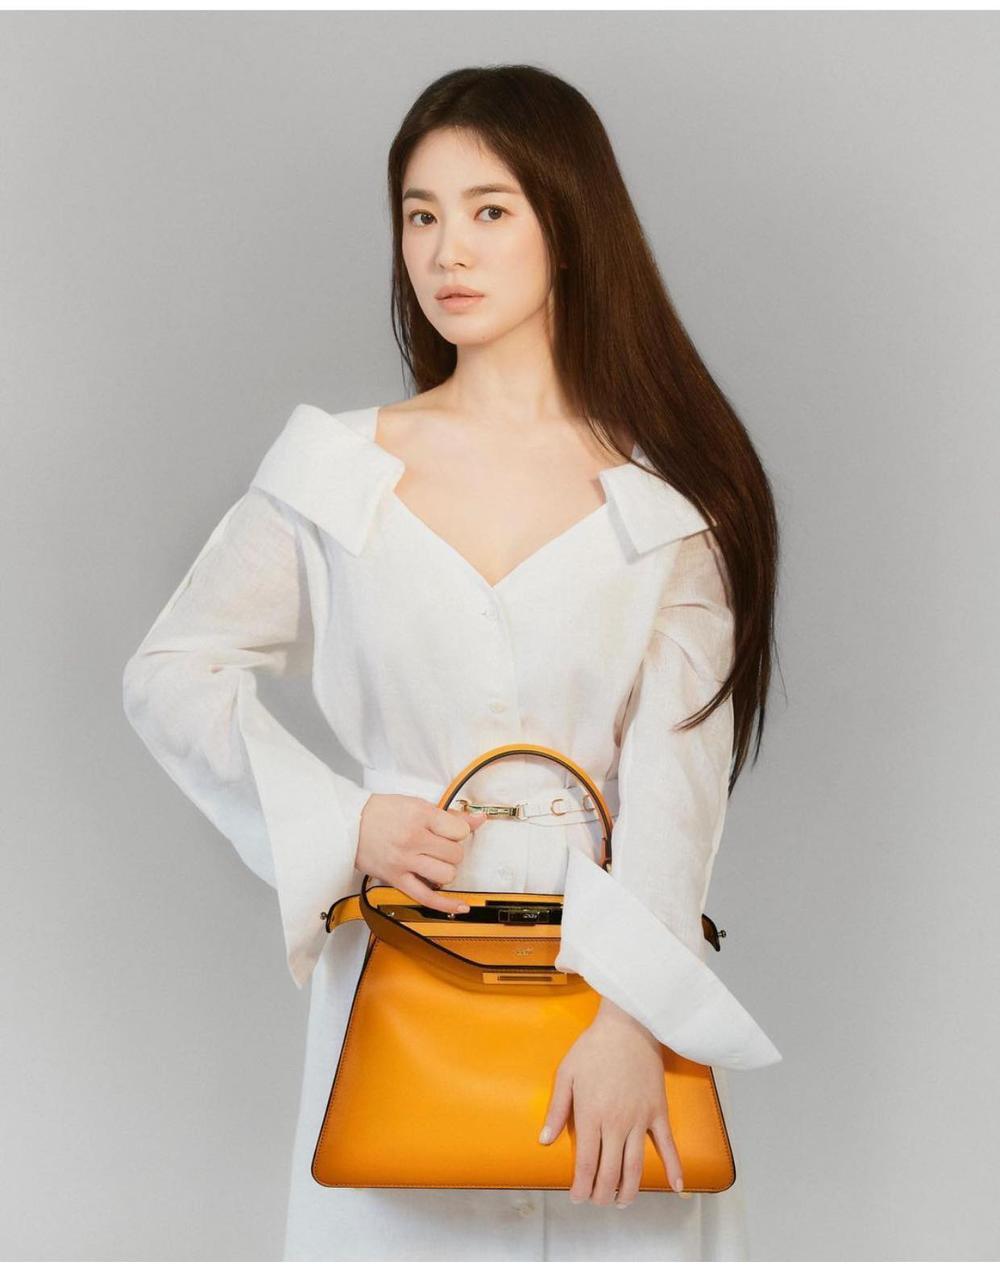 Song Hye Kyo chính thức trở thành đại sứ Fendi với loạt ảnh sang - xịn -mịn Ảnh 3